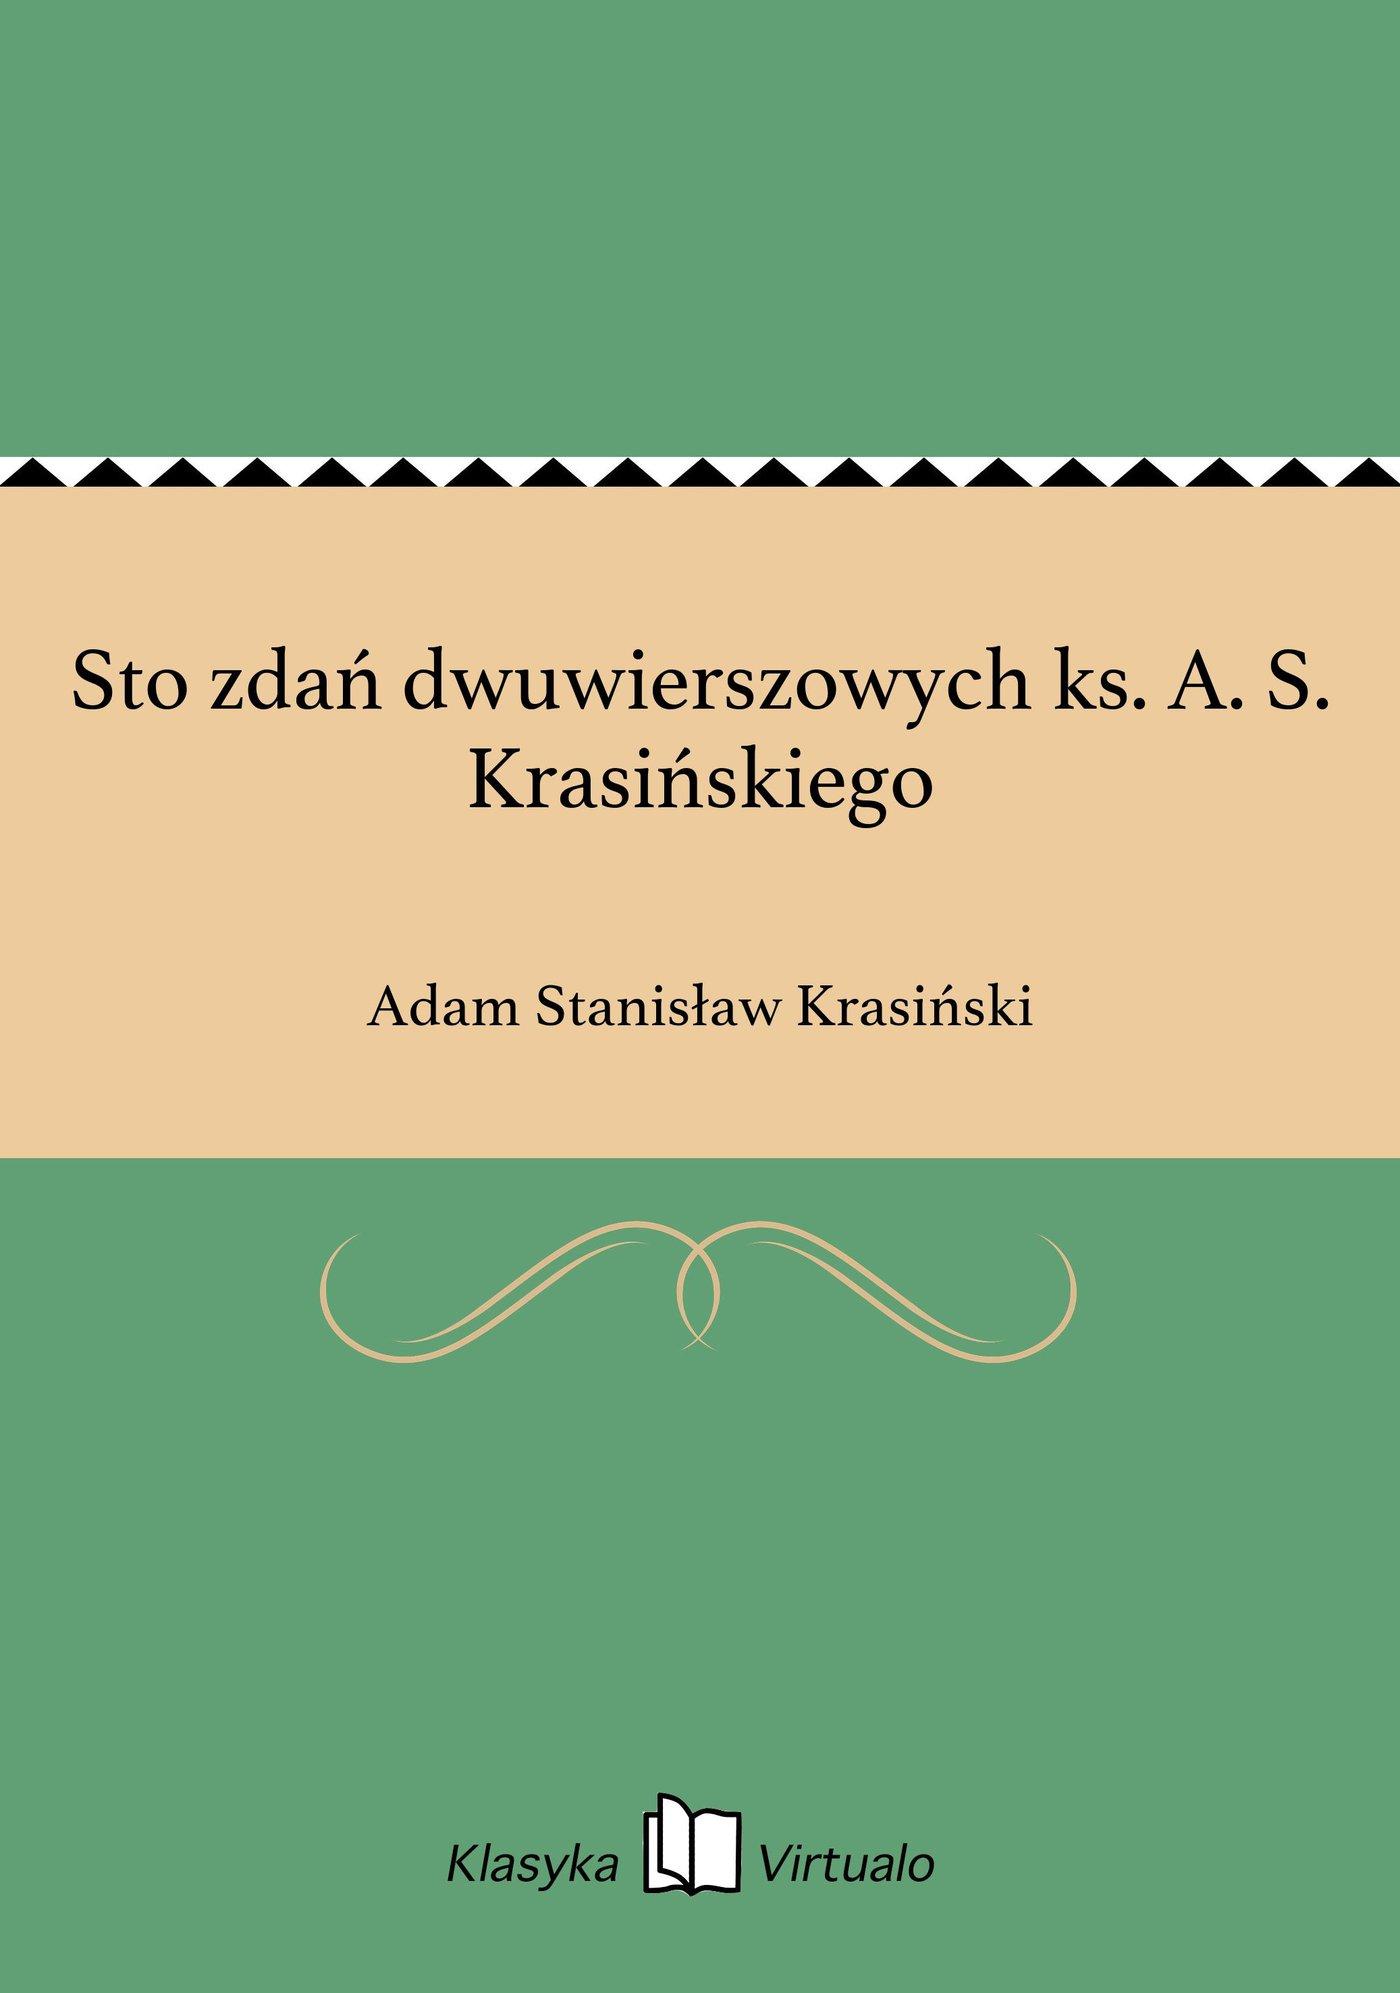 Sto zdań dwuwierszowych ks. A. S. Krasińskiego - Ebook (Książka EPUB) do pobrania w formacie EPUB